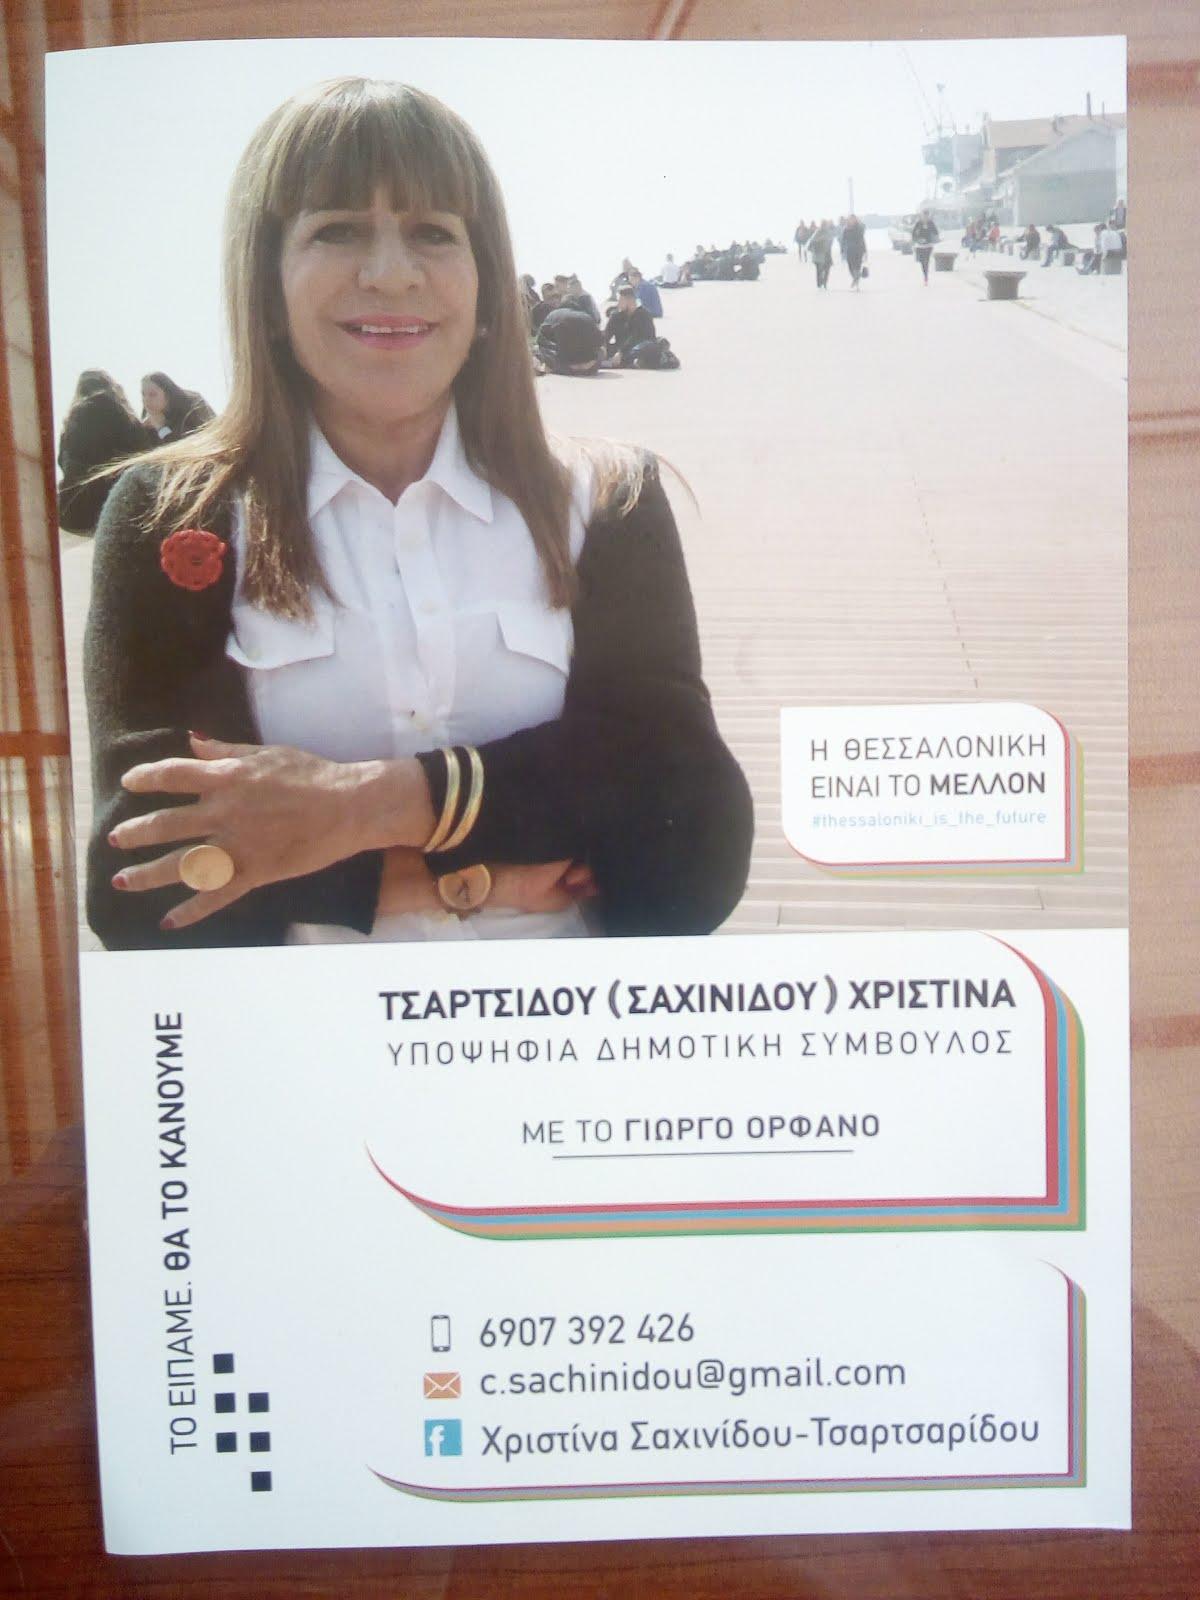 Υποψήφια δημοτική σύμβουλος ΧΡΙΣΤΙΝΑ ΣΑΧΙΝΙΔΟΥ